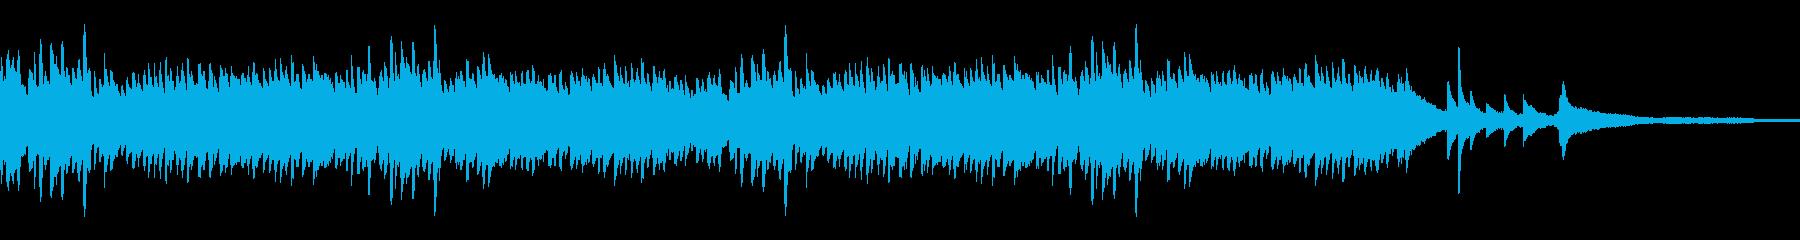 感傷的なアルペジオが印象的なピアノ曲の再生済みの波形